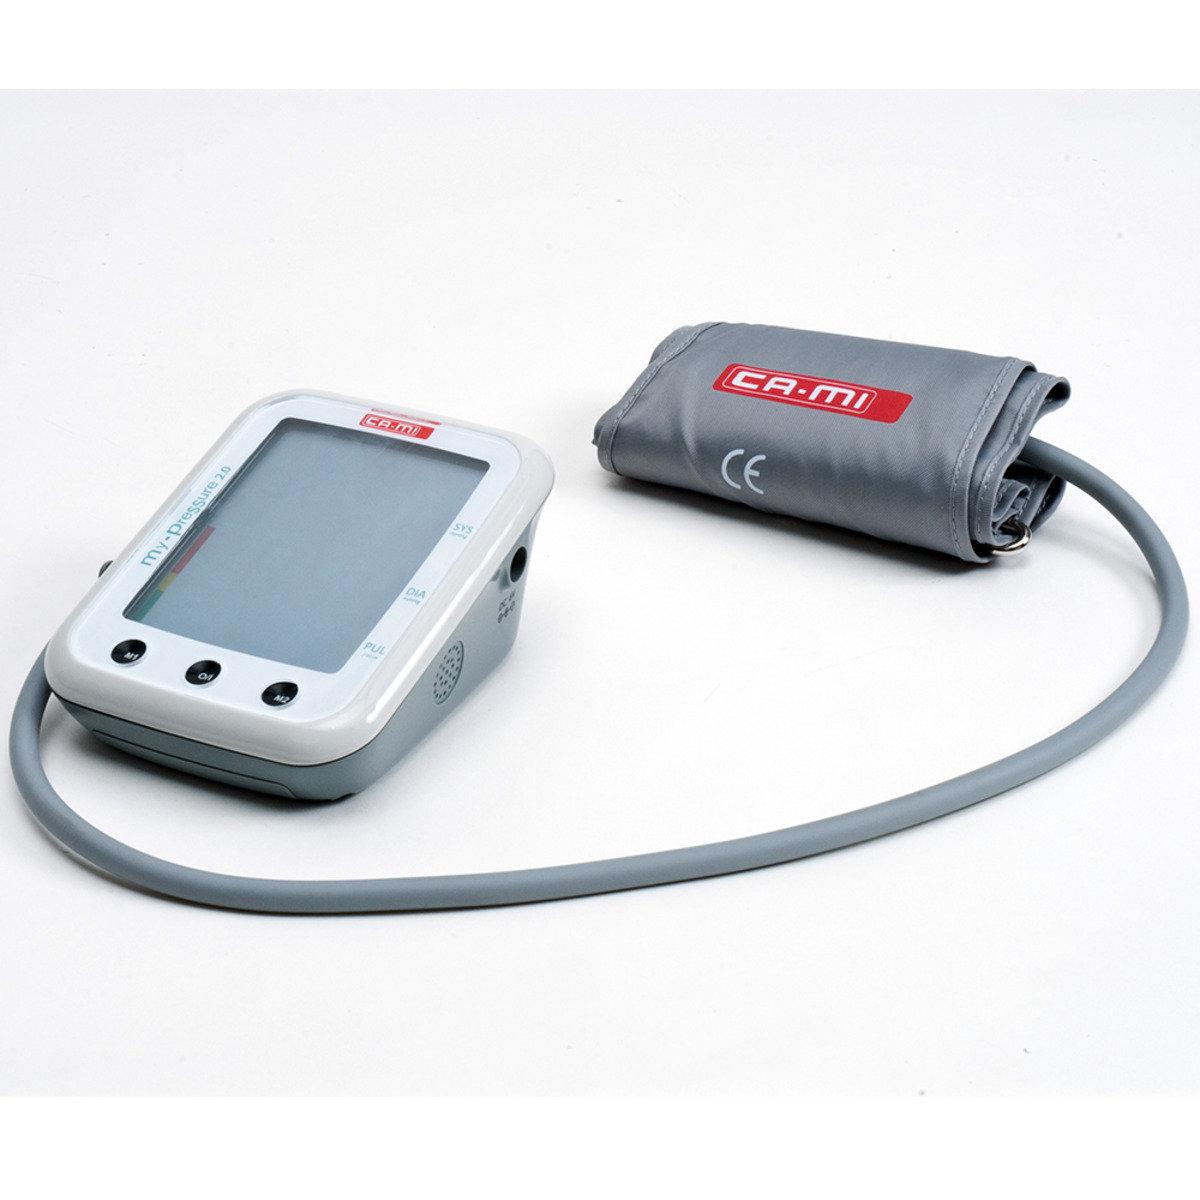 意大利 My Pressure 2.0 電子手臂式血壓計